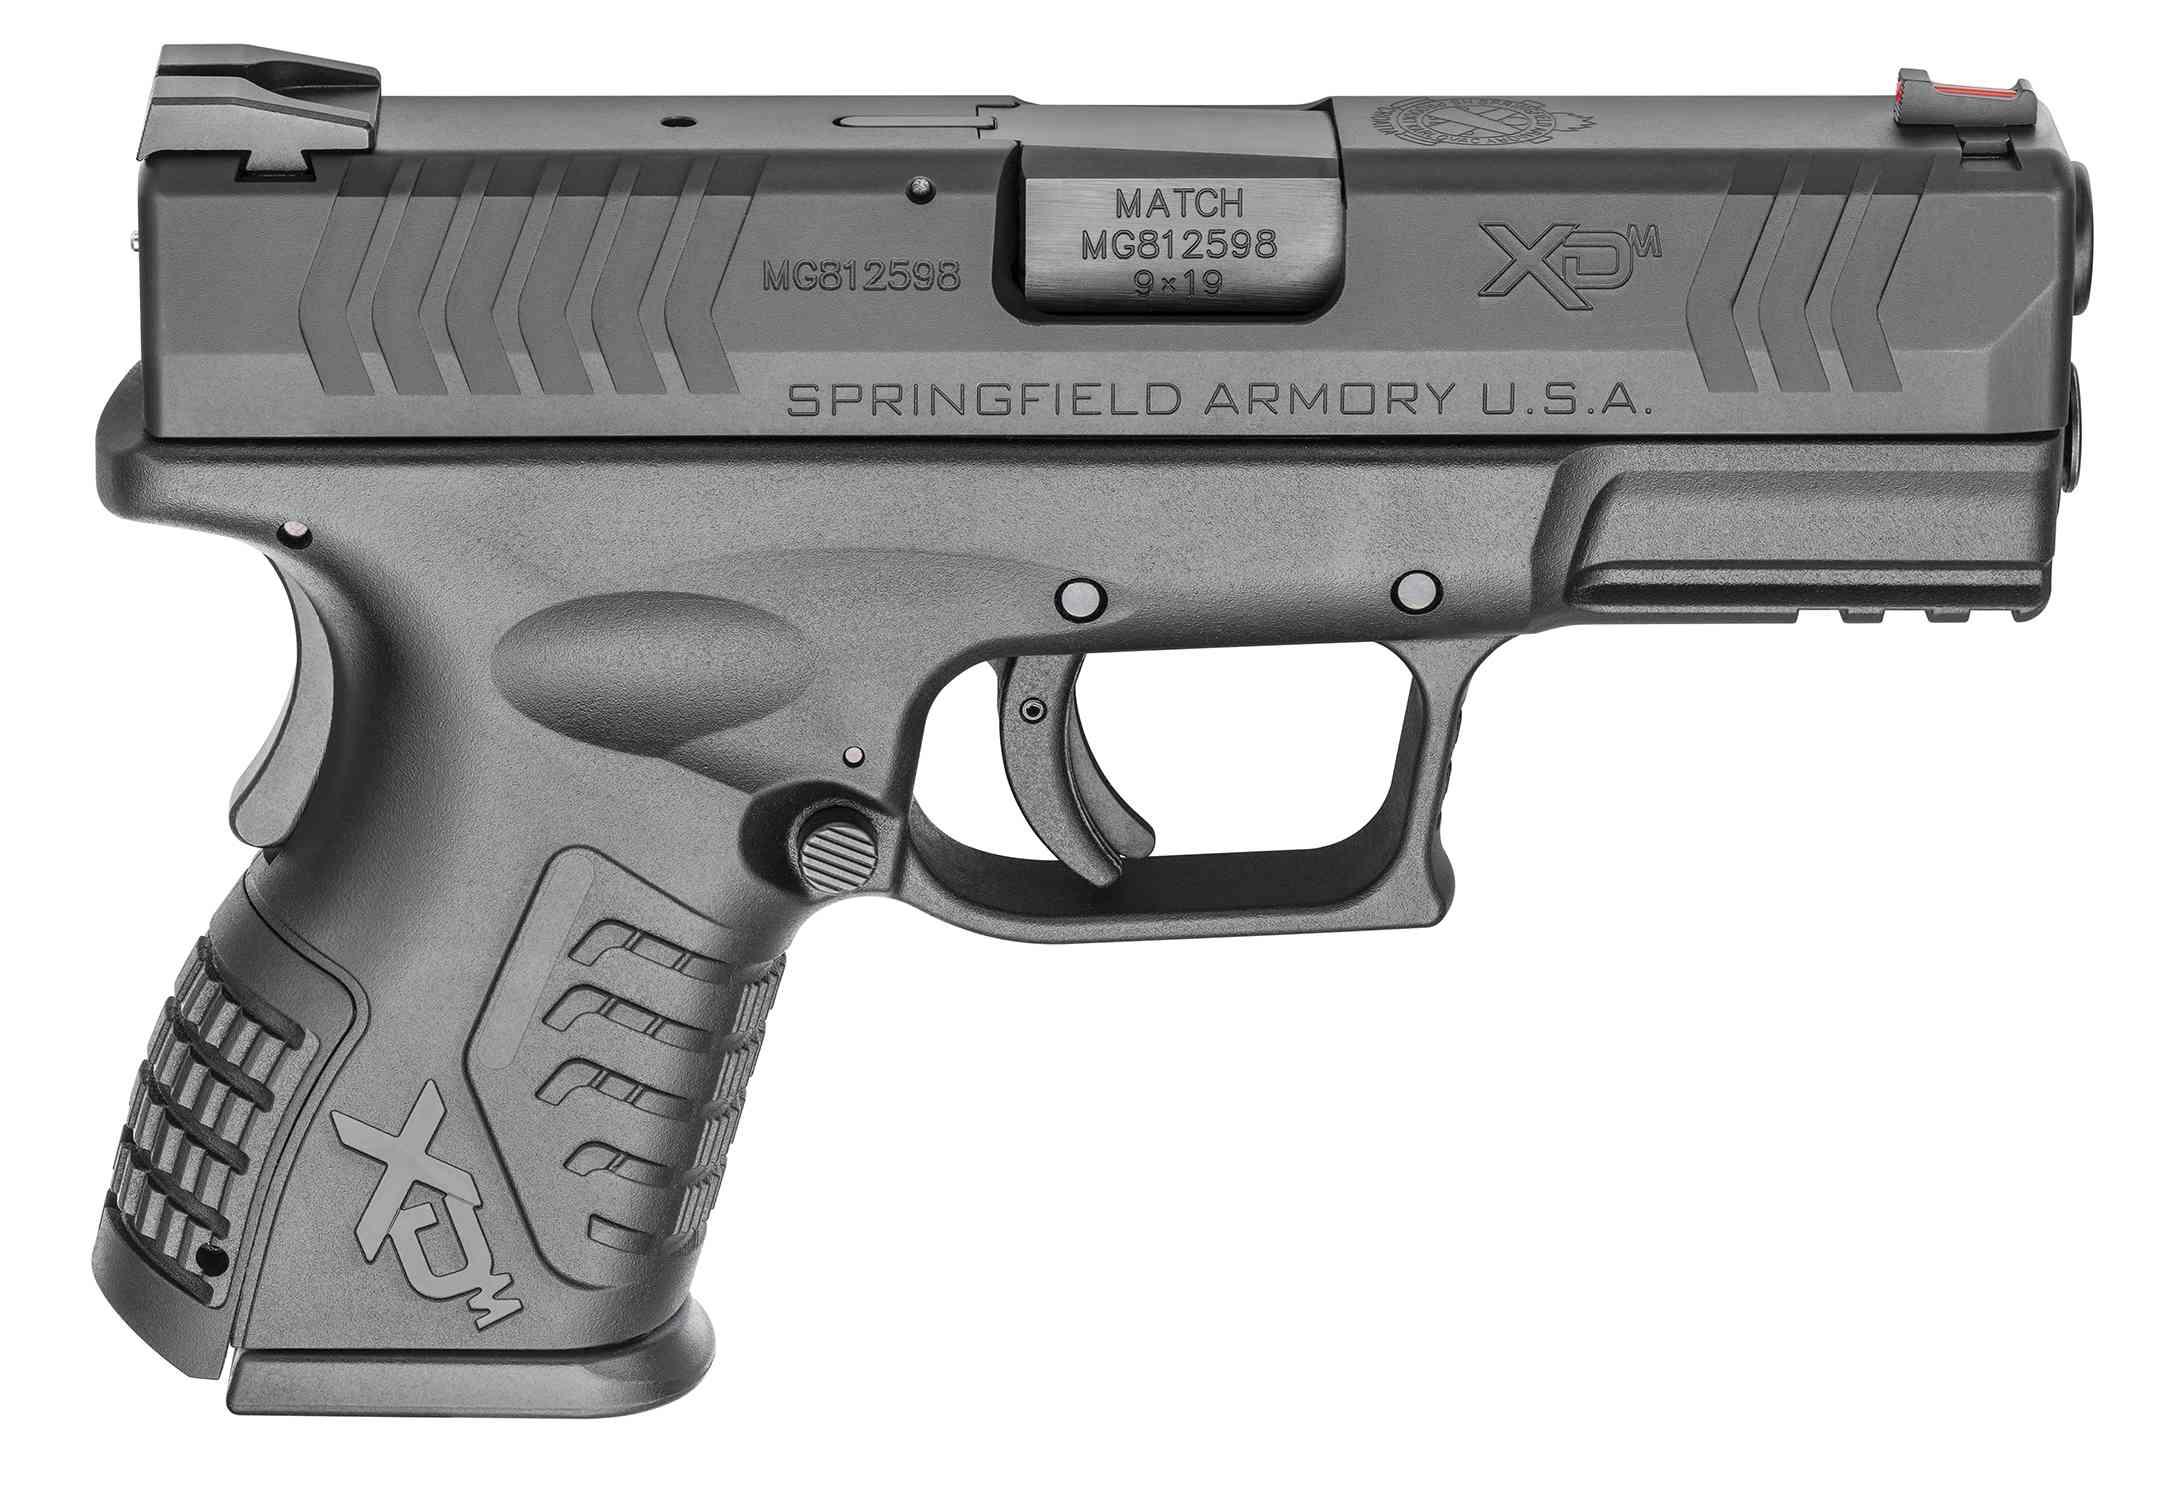 xdm 9mm